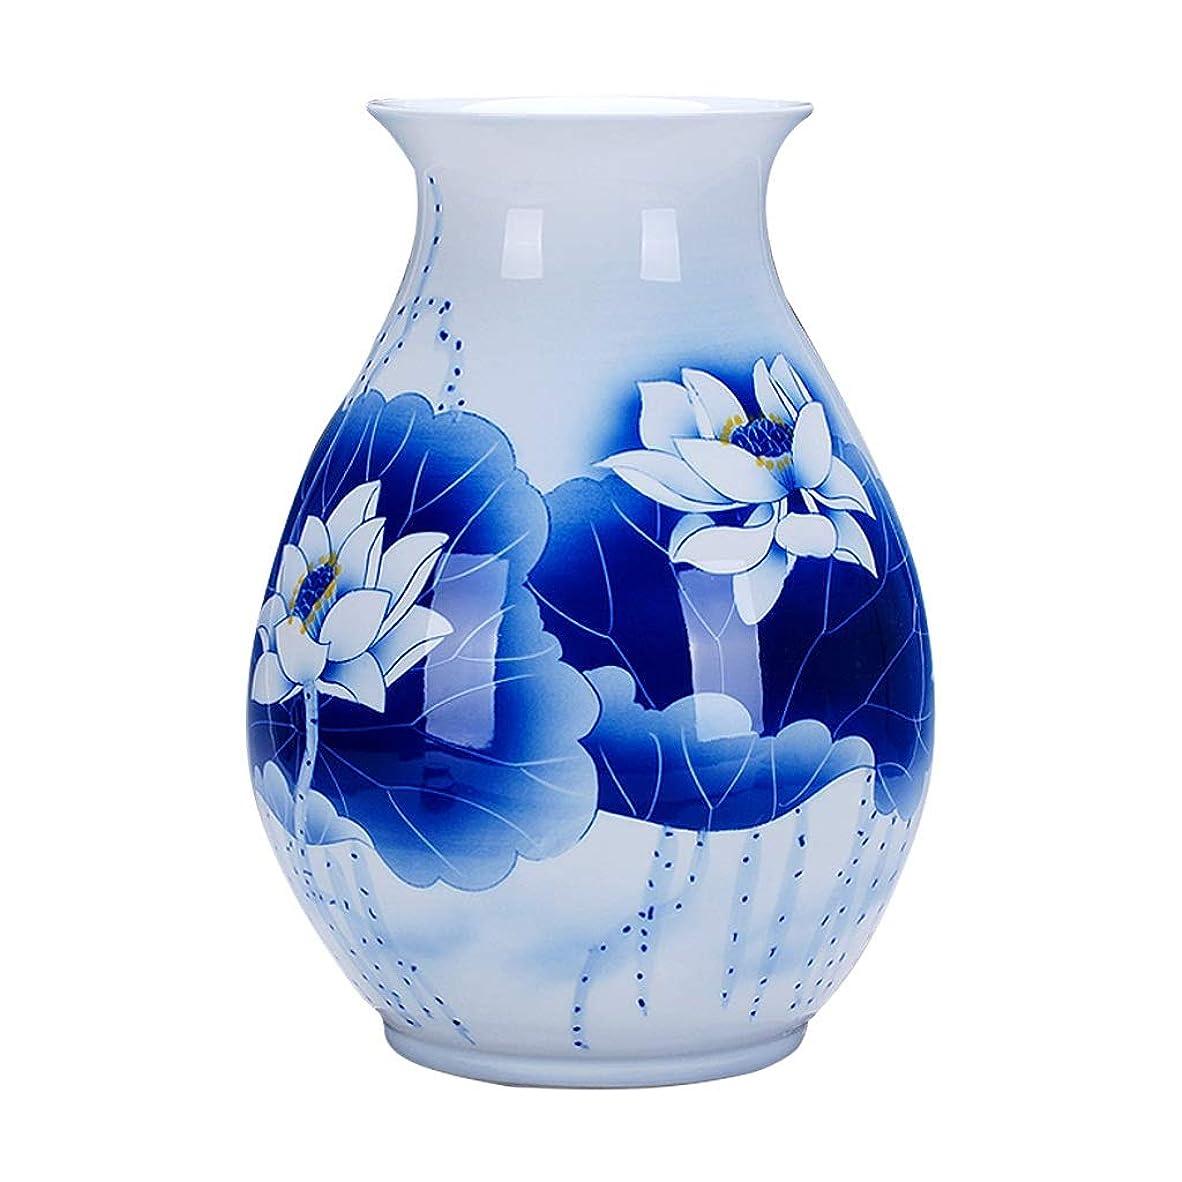 不注意平野不名誉な花瓶 デコレーションホーム世帯ウェディングリビングルームベッドルームオフィステーブル白24のx 34センチメートルための花瓶セラミッククラシックロータスハイグレード